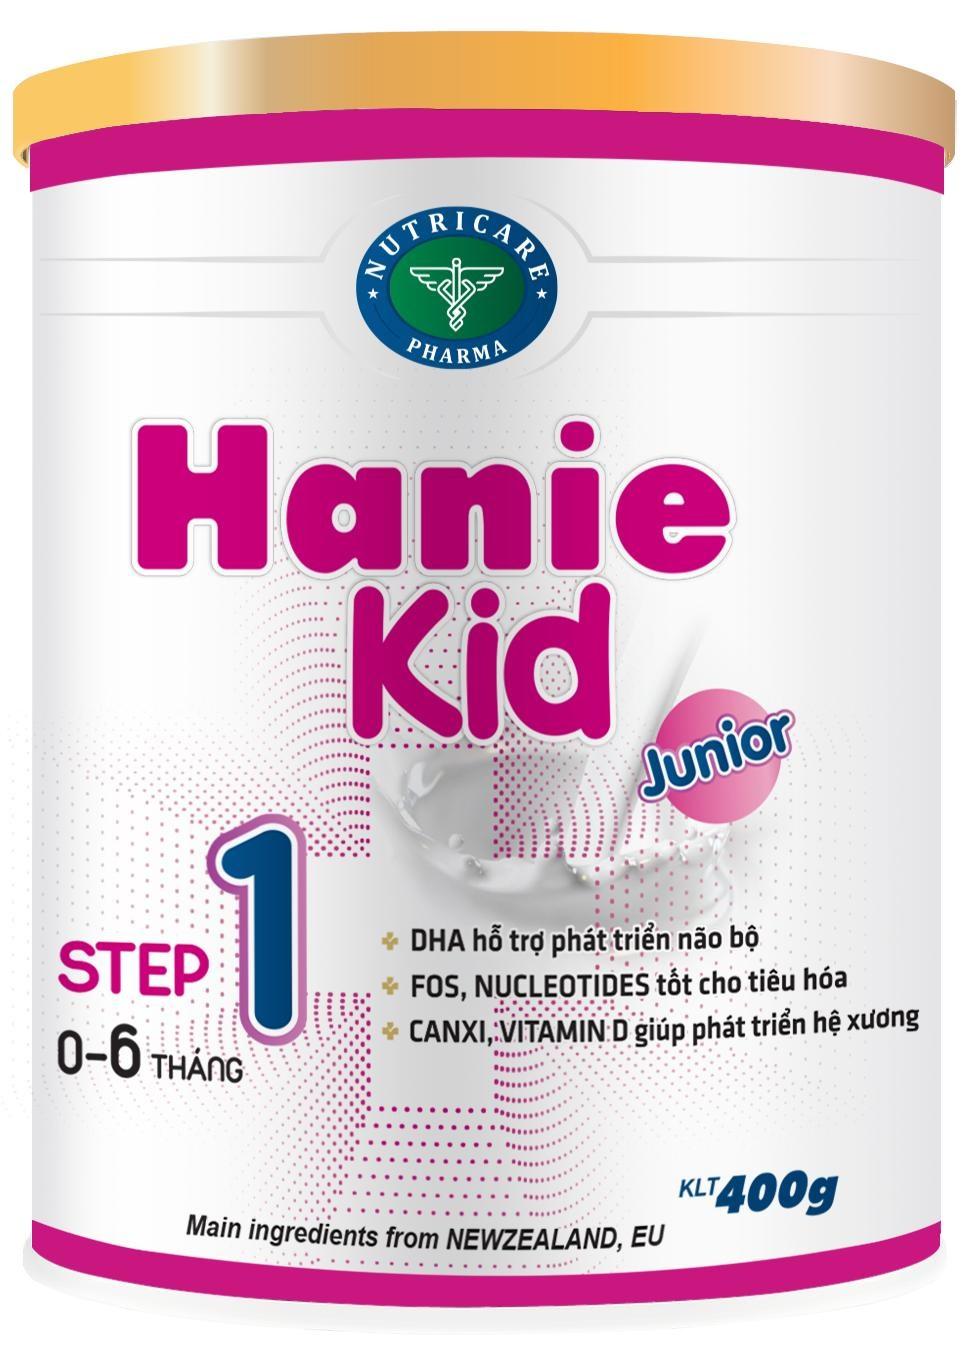 Sữa Hanie Kid 1 (Sữa đặc hiệu dành cho trẻ phát triển não bộ; hỗ trợ tiêu hóa; giúp phát triển hệ xương dùng cho trẻ từ 0 -> 06 tháng tuổi;  ….)